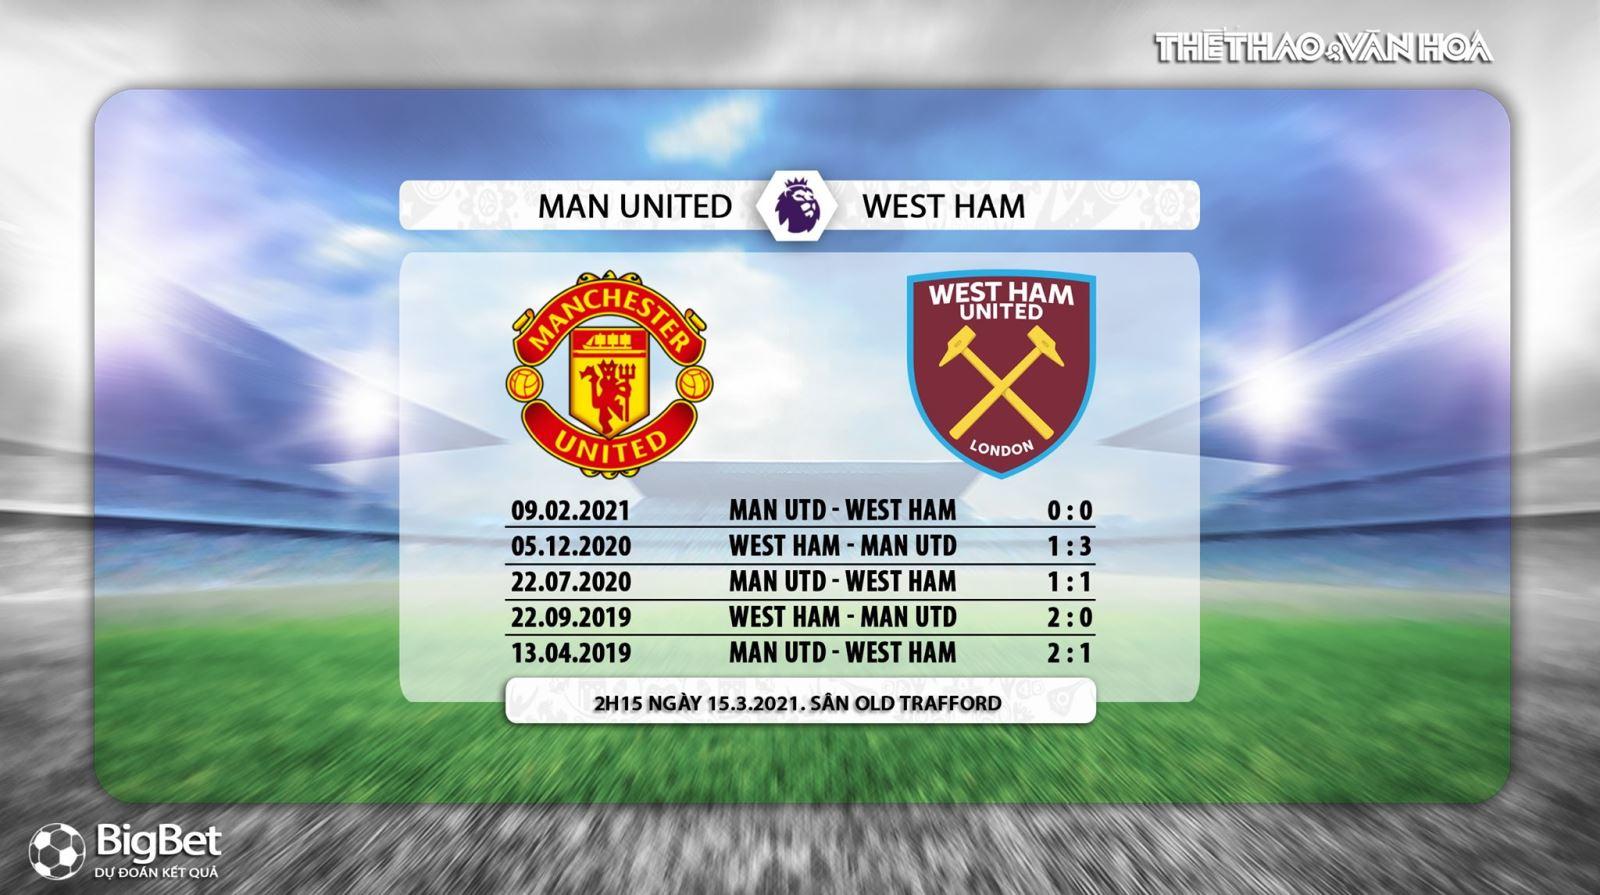 Keo nha cai, Kèo nhà cái, MU vs West Ham, K+, K+PM trực tiếp Ngoại hạng Anh, Trực tiếp MU, xem bóng đá trực tuyến MU, trực tiếp bóng đá Anh hôm nay, xem K+